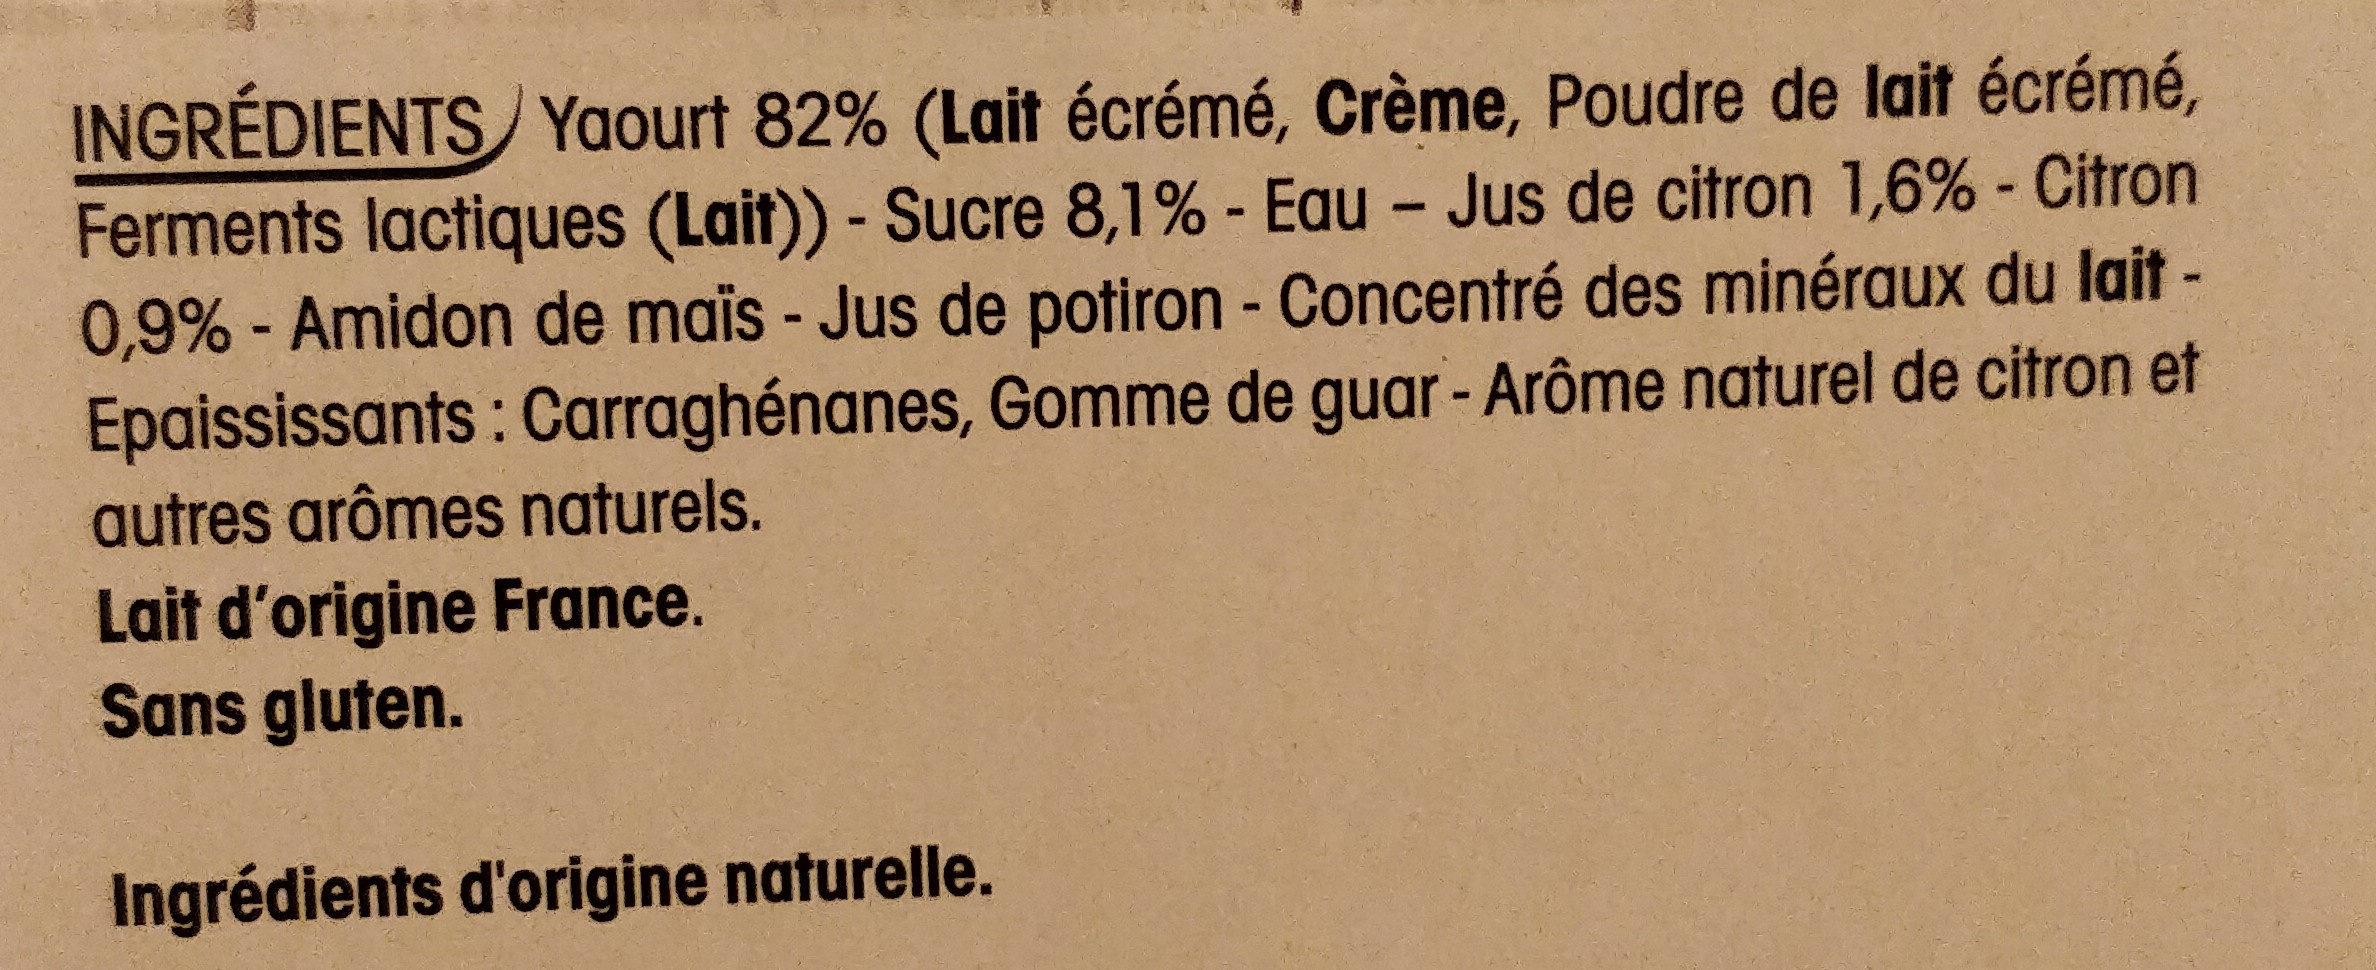 Yopa citron - Ingrédients - fr